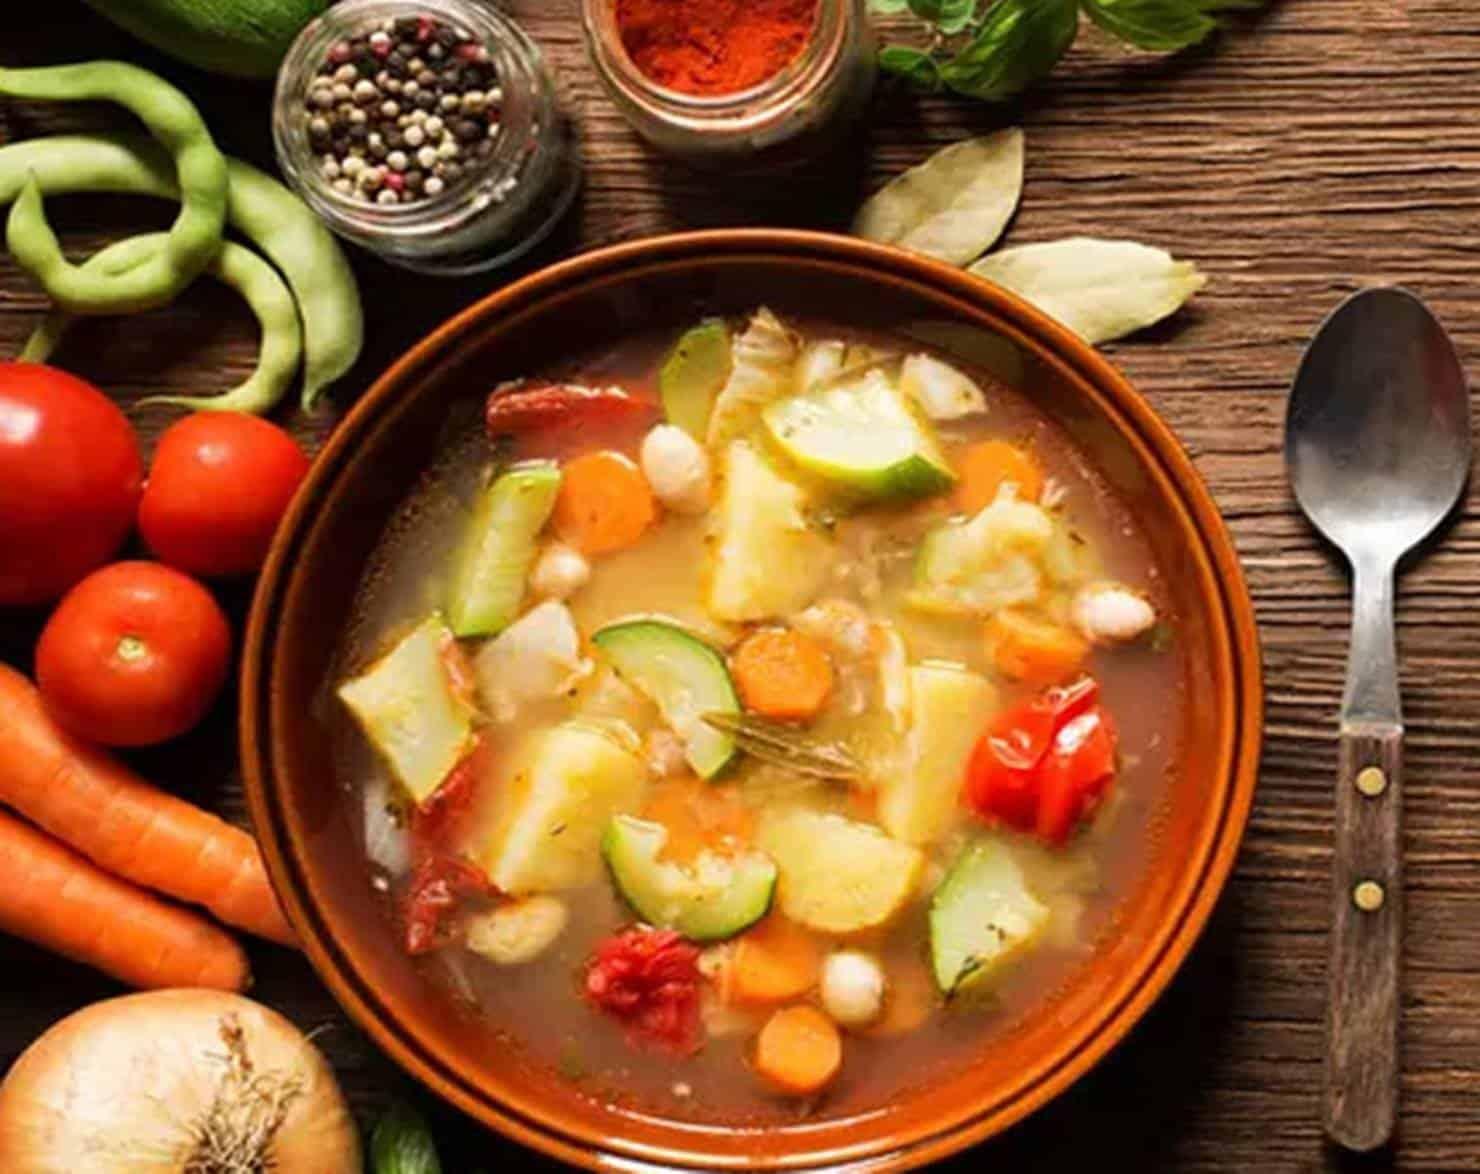 Emagreça com repolho: nutricionista revela receita potente e como funciona a dieta desse vegetal